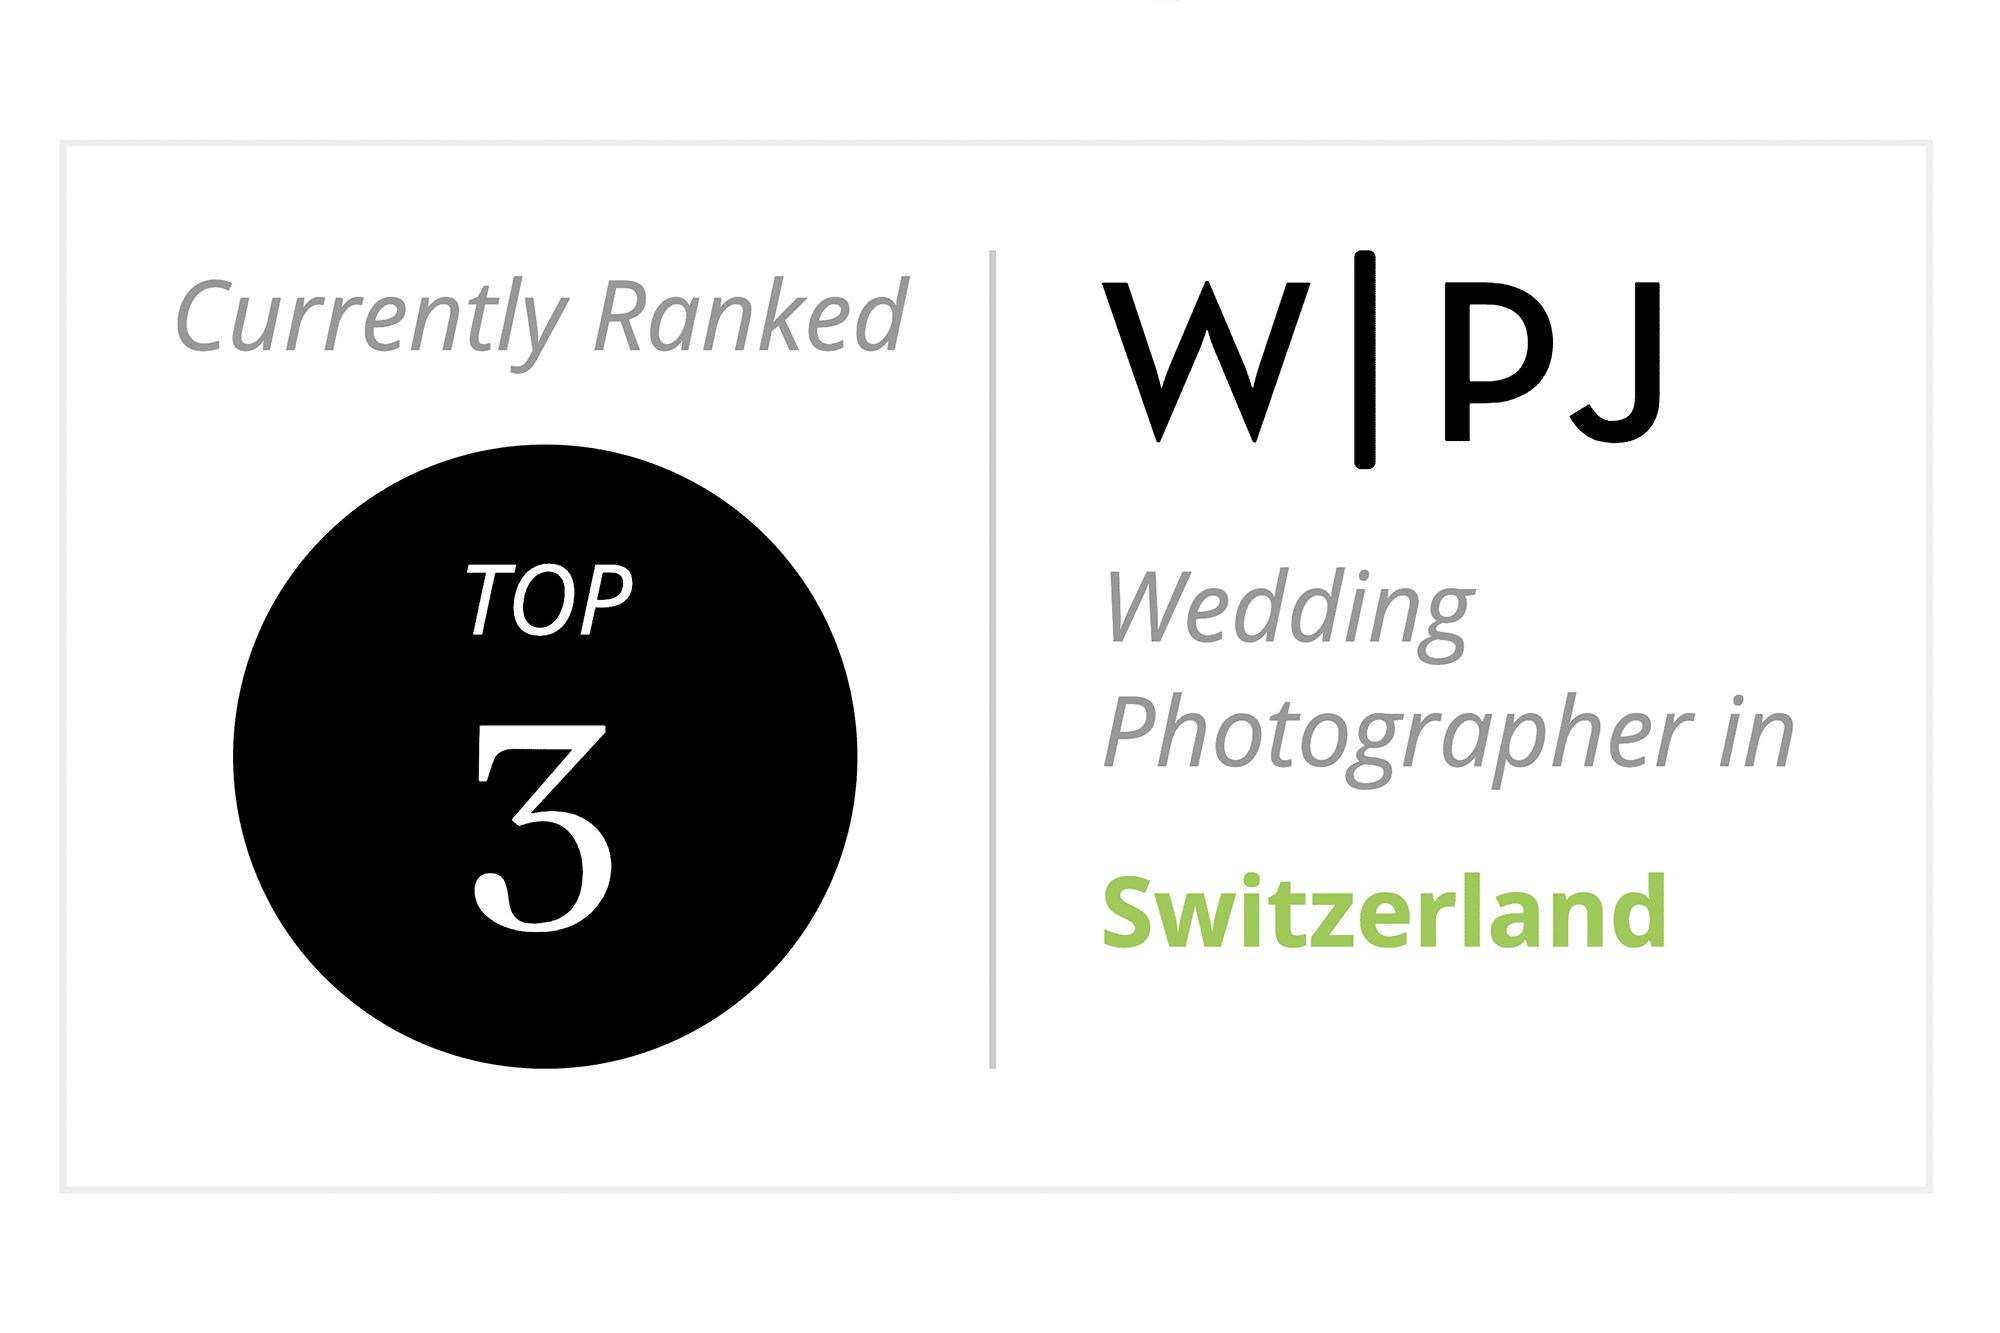 Andreas Feusi ist unter den Top 3 Hochzeitsfotografen WPJA in der Schweiz